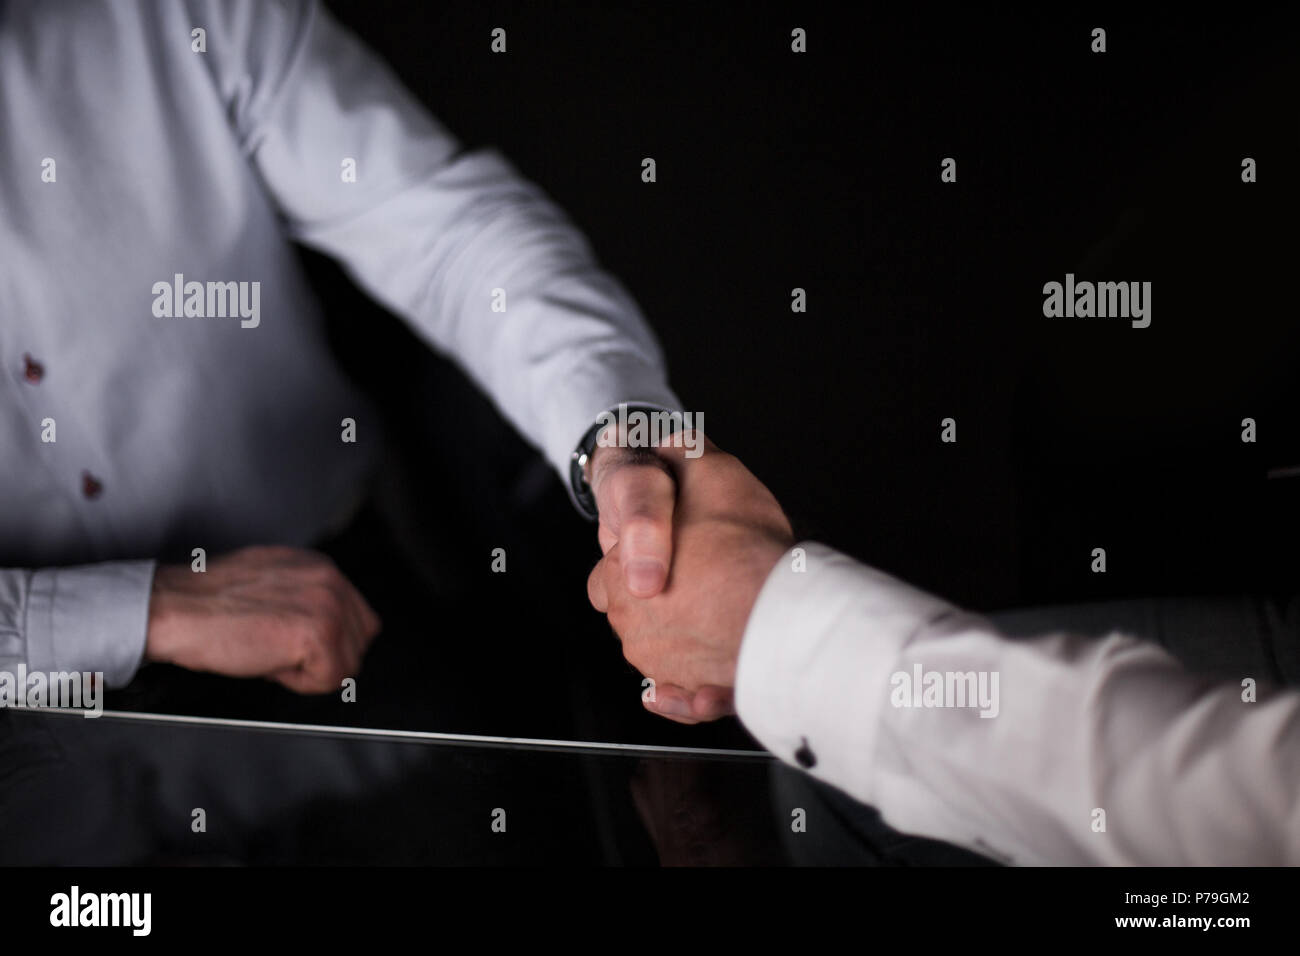 Aus der Nähe. Ein solides Geschäft Handshake Stockbild